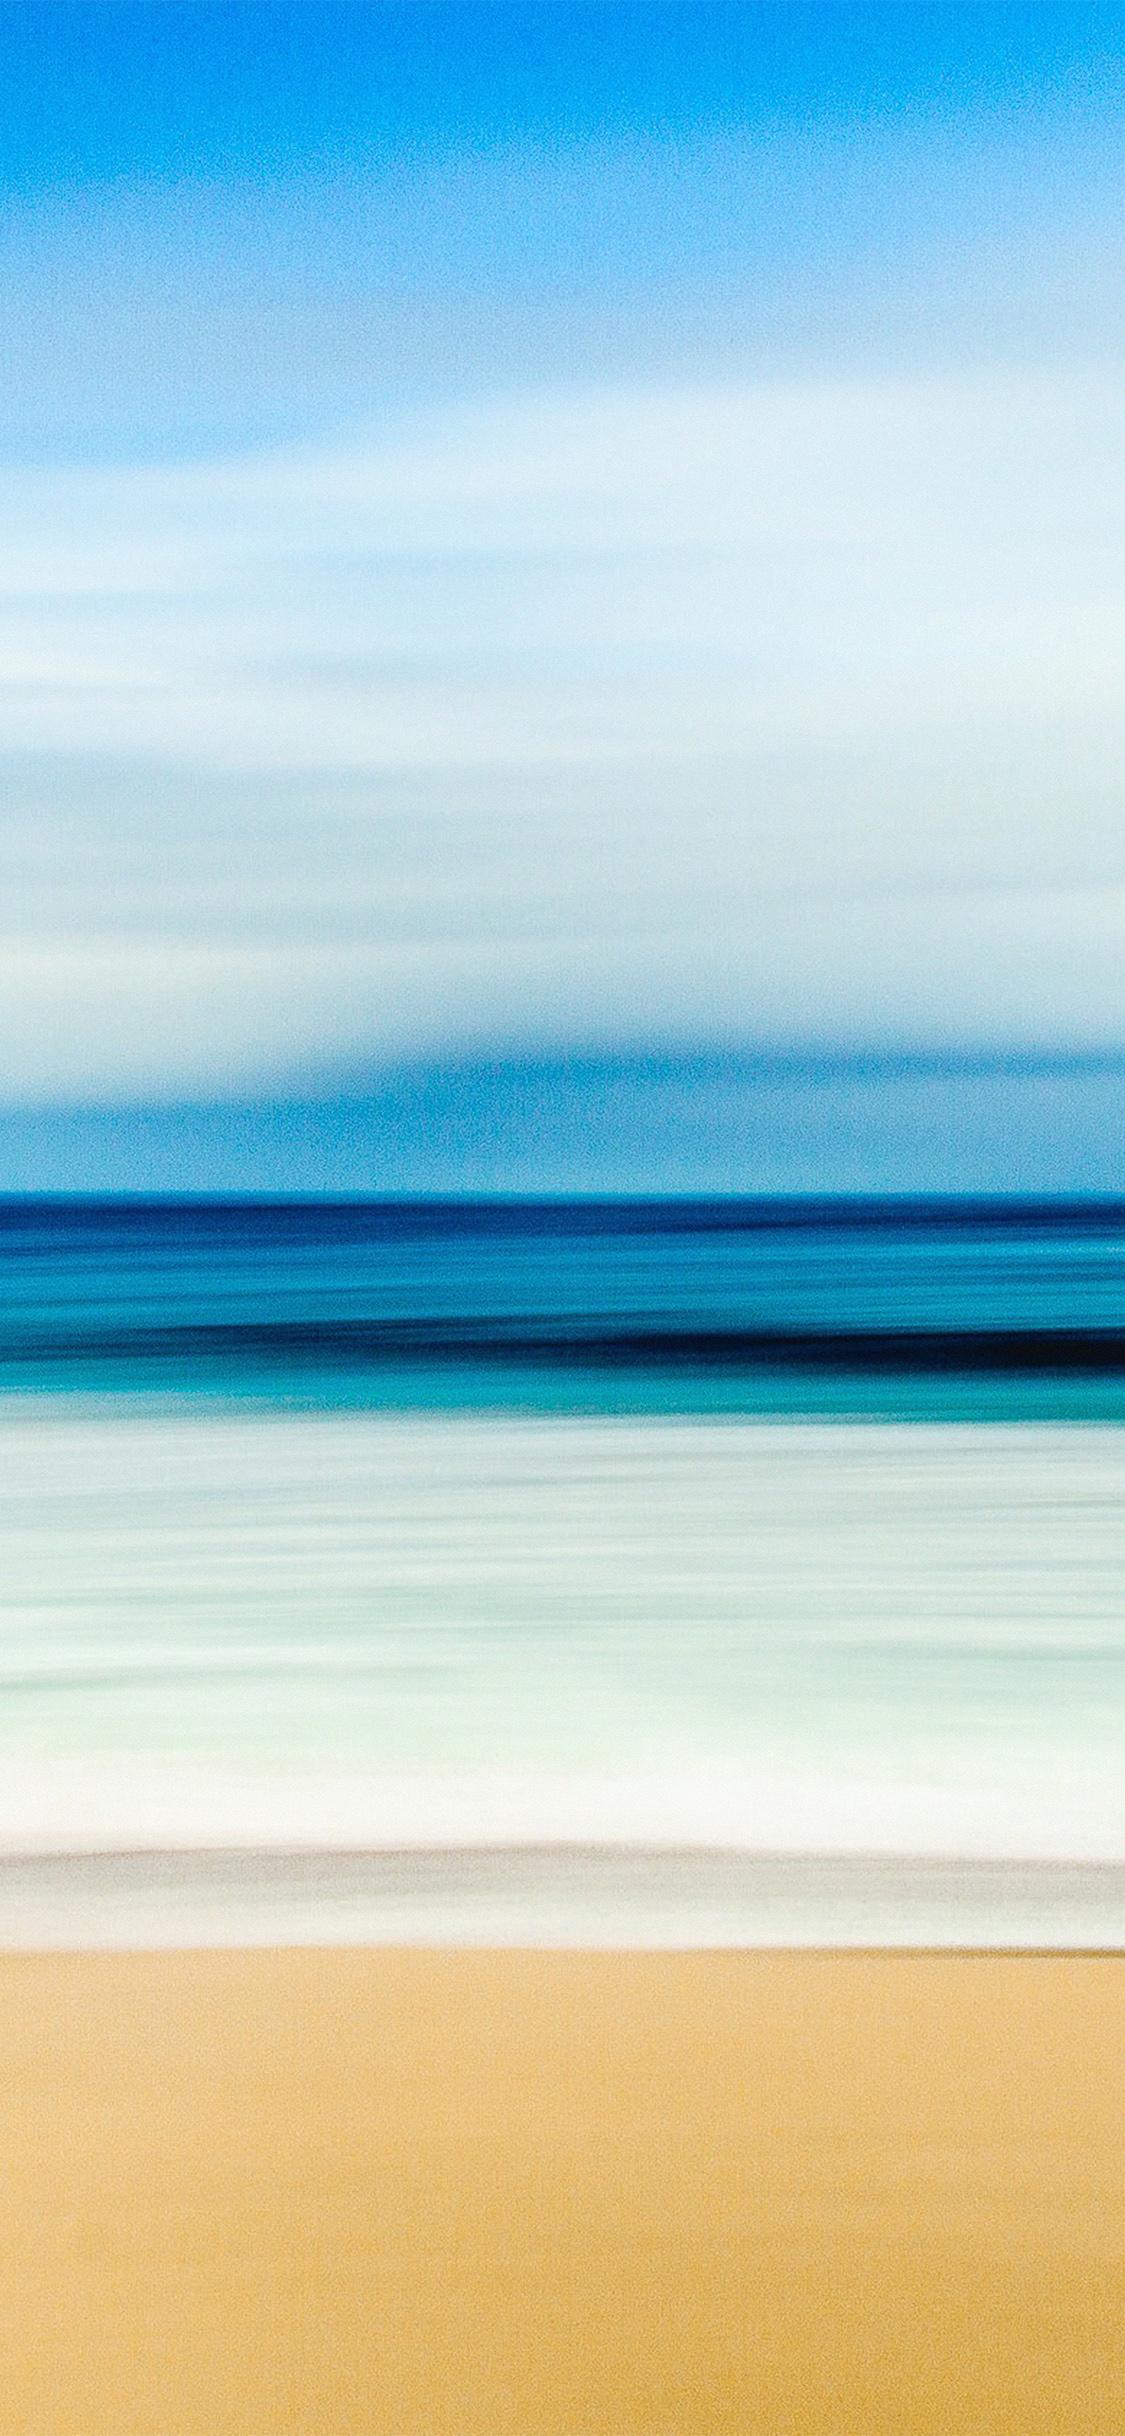 Nj22 Beach Ocean Water Summer - Iphone X Wallpapers Summer , HD Wallpaper & Backgrounds